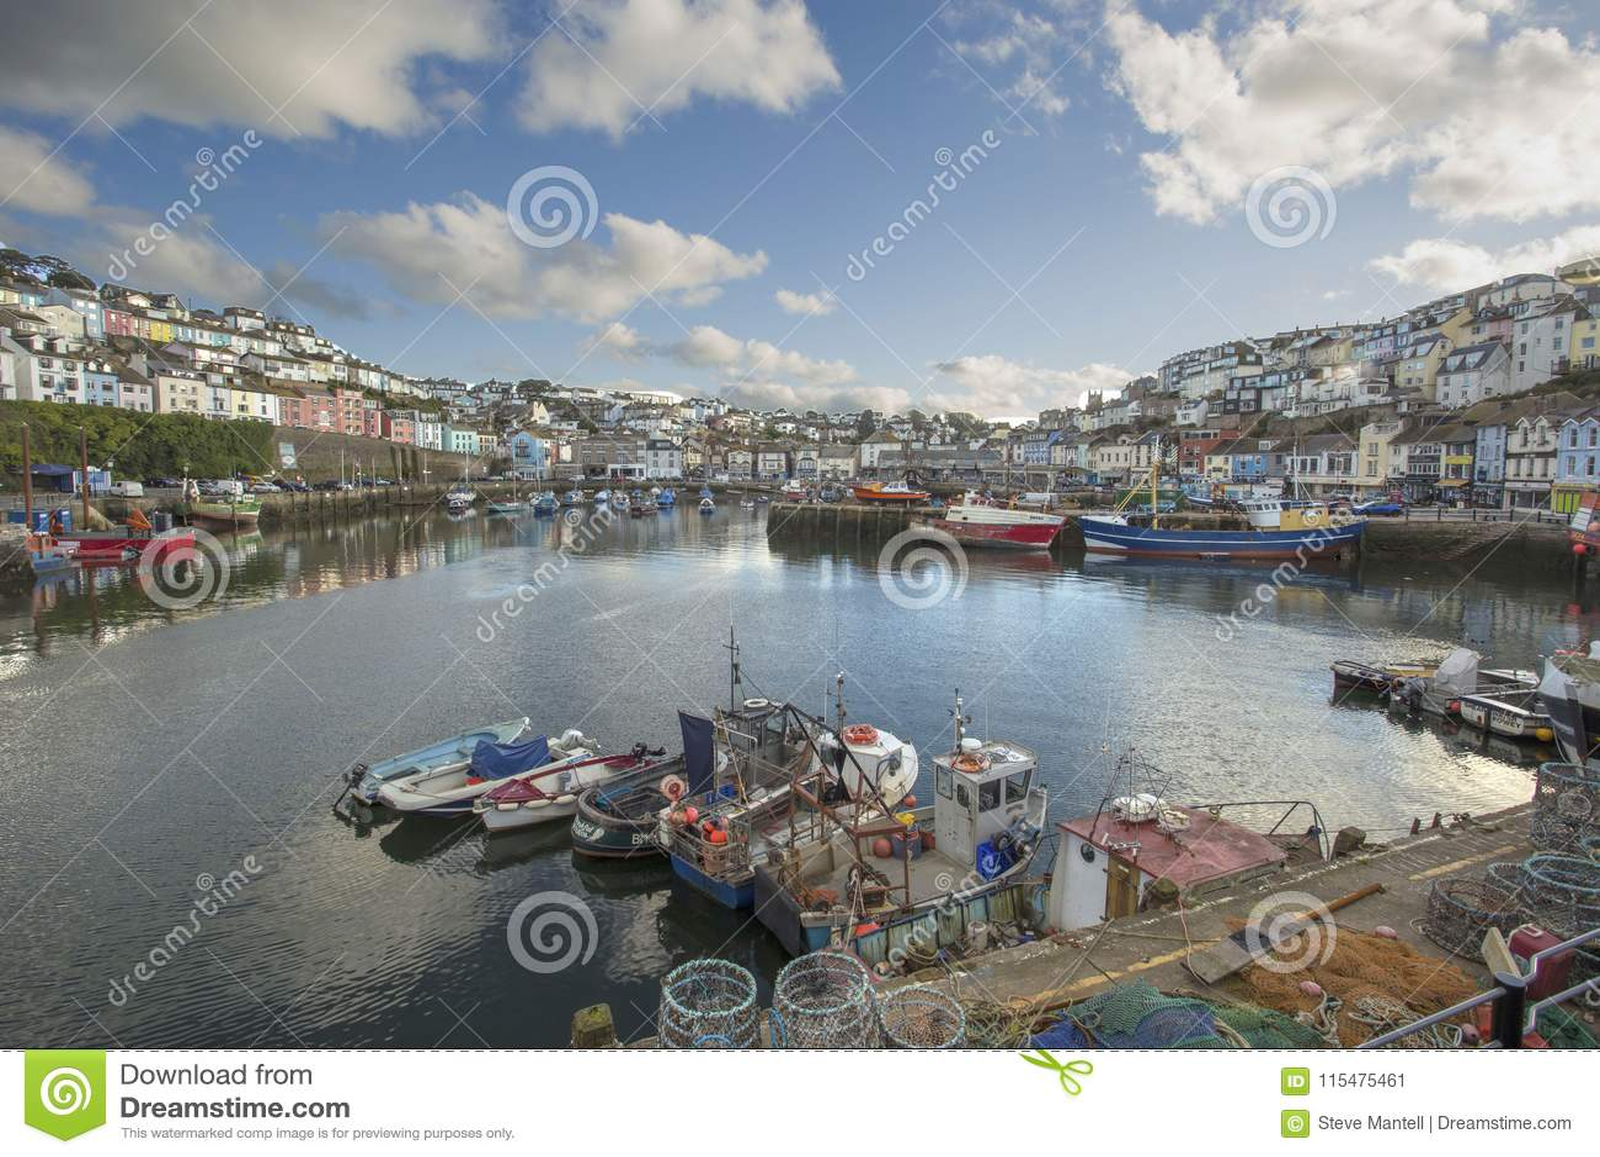 Рыбацкие лодки и таунхаусы гавани Brixham